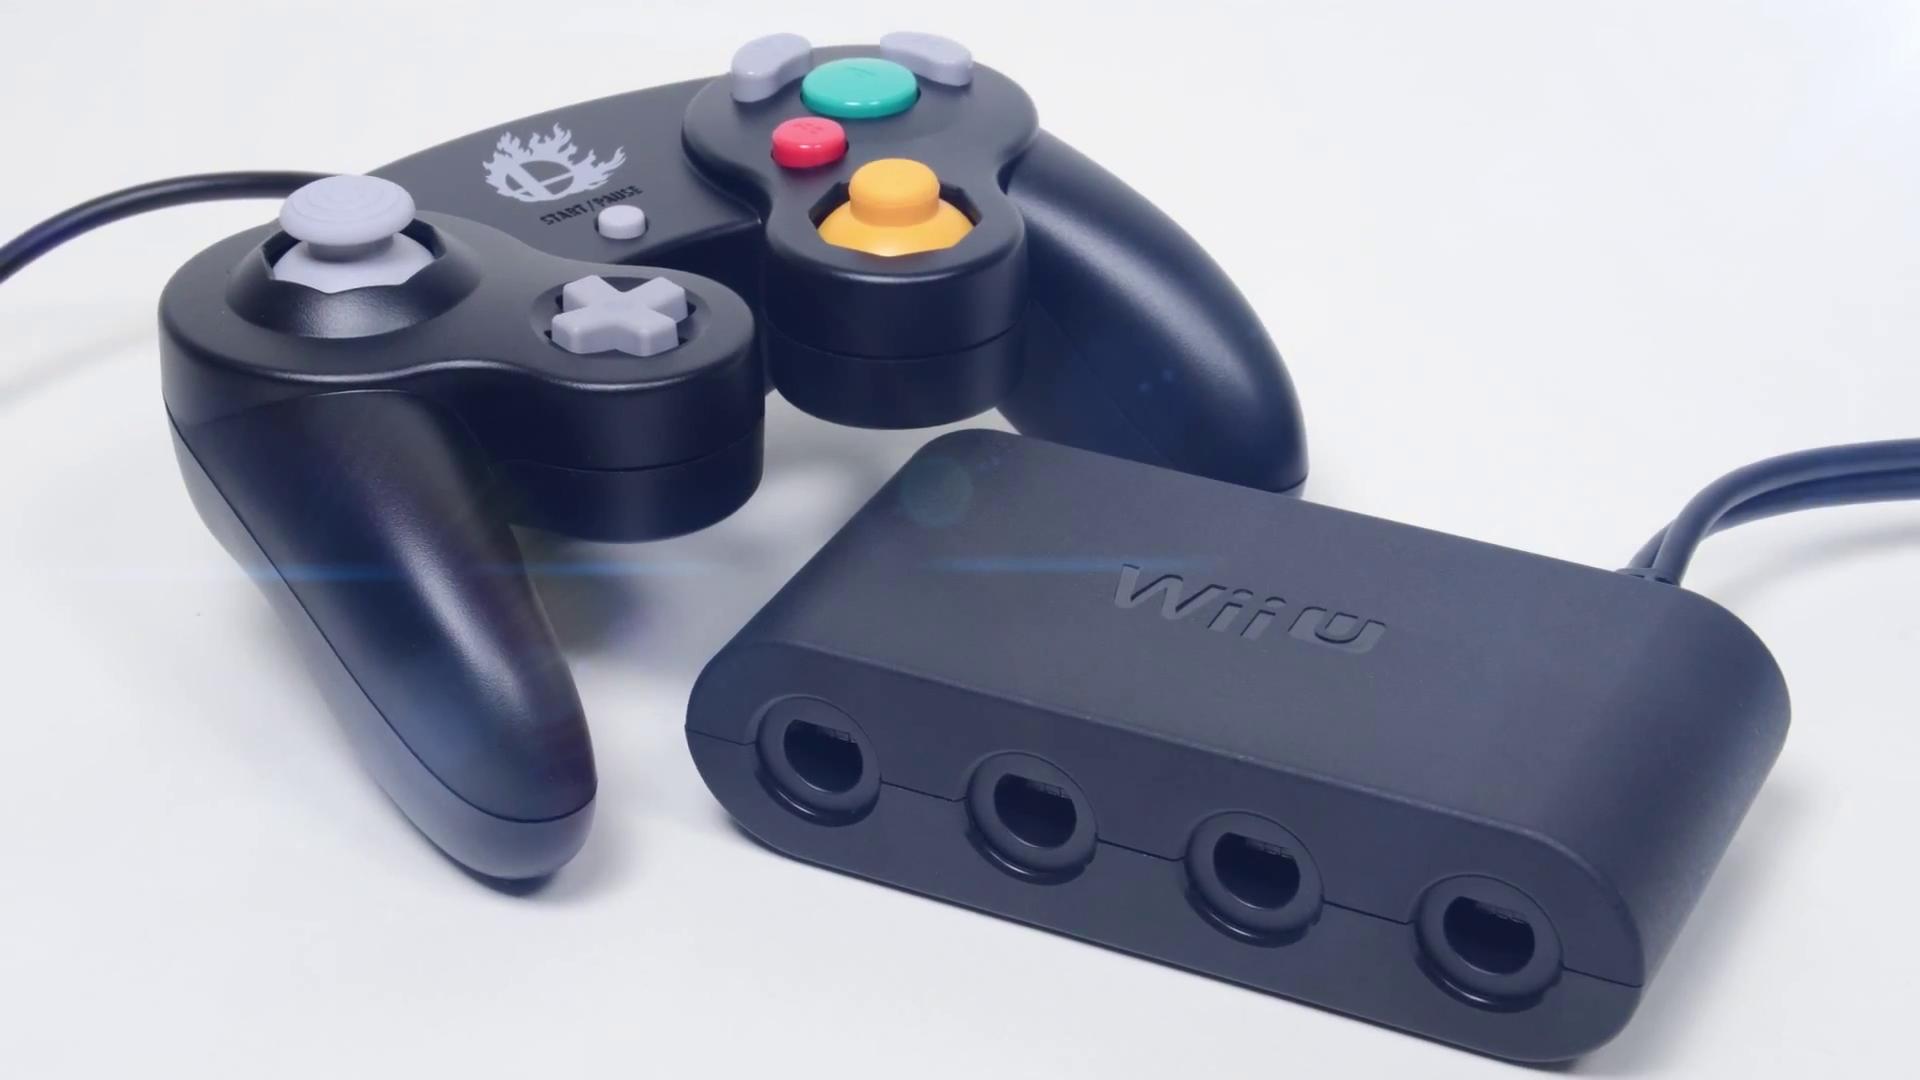 Wii U GameCube